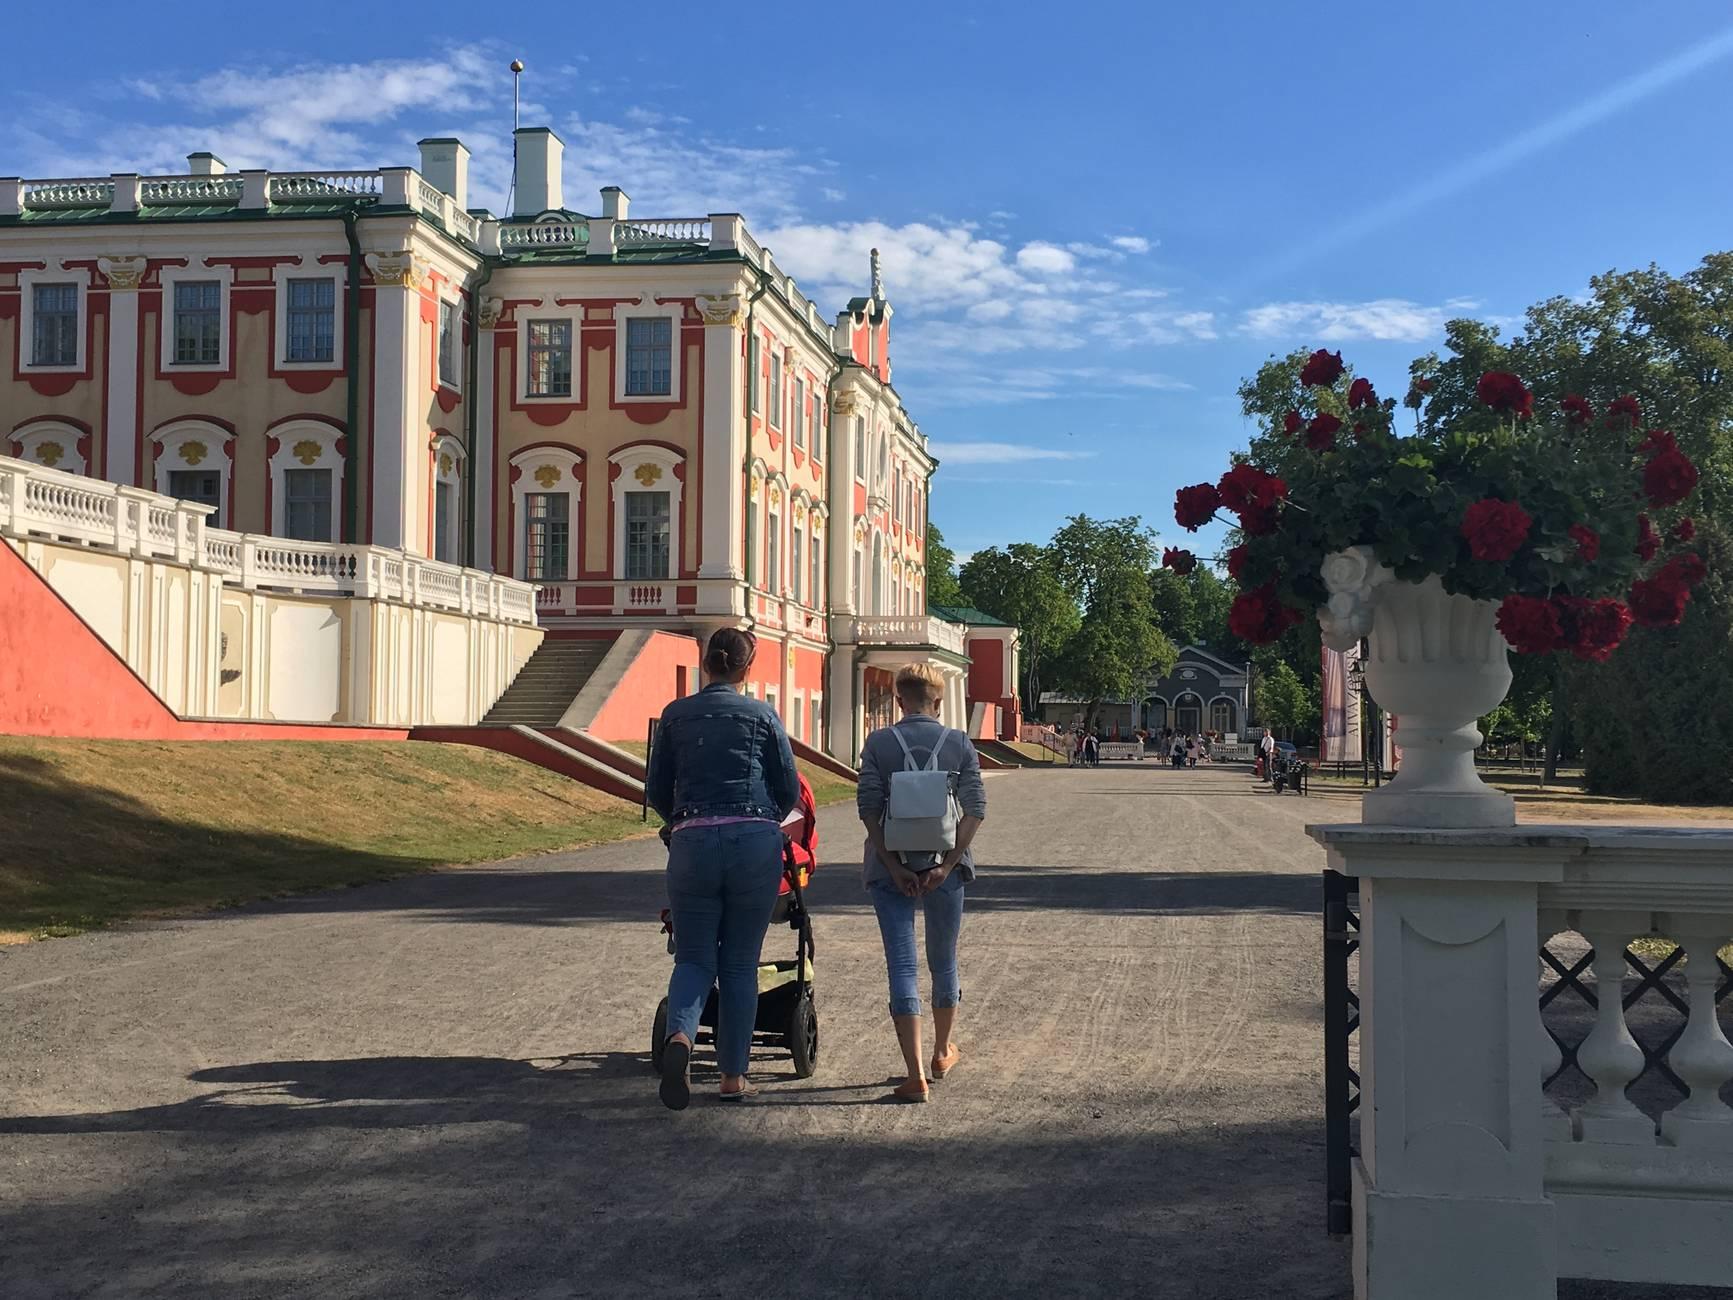 Kadriorg Palace - Kadriorg Art Museum in Tallinn, Estonia